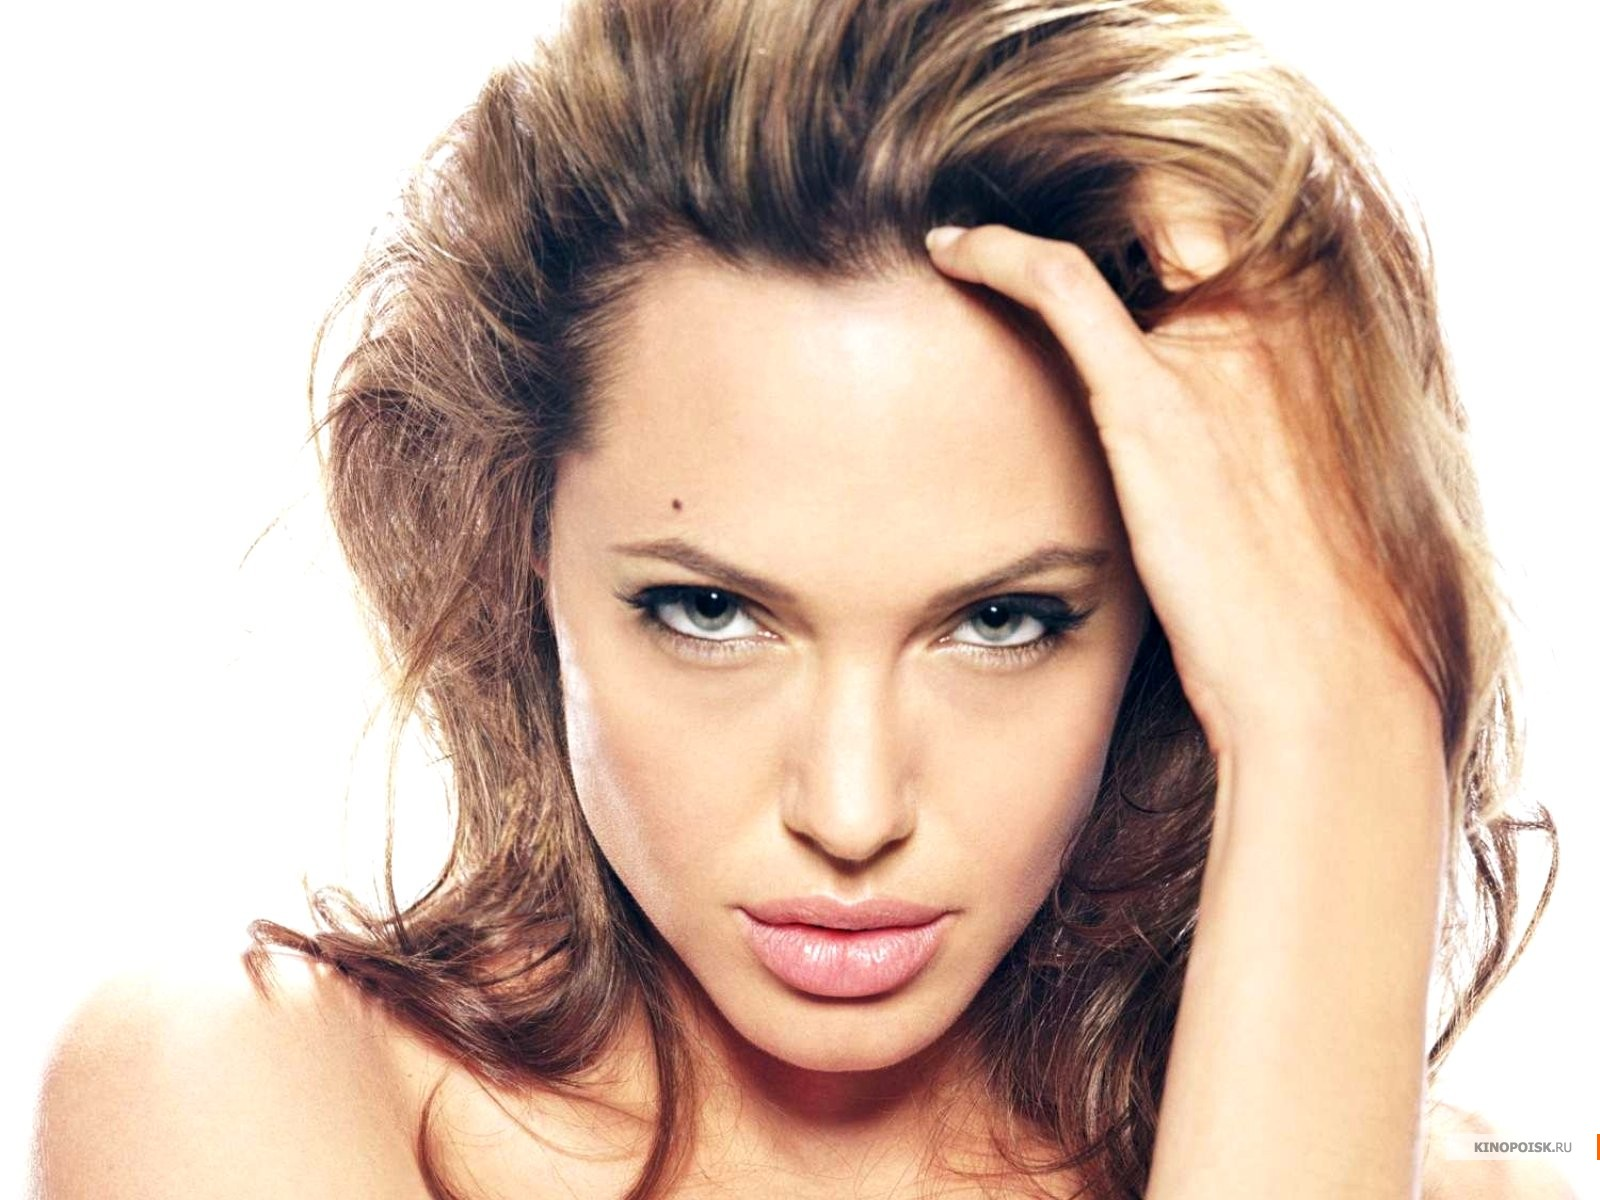 http://1.bp.blogspot.com/-HN6d6mk-O60/TkVpDP12beI/AAAAAAAAAYQ/WN8xe5Q7hbM/s1600/Angelina+Jolie+Hot+Wallpaper%252CPhoto+%2526+Images+%25285%2529.jpg